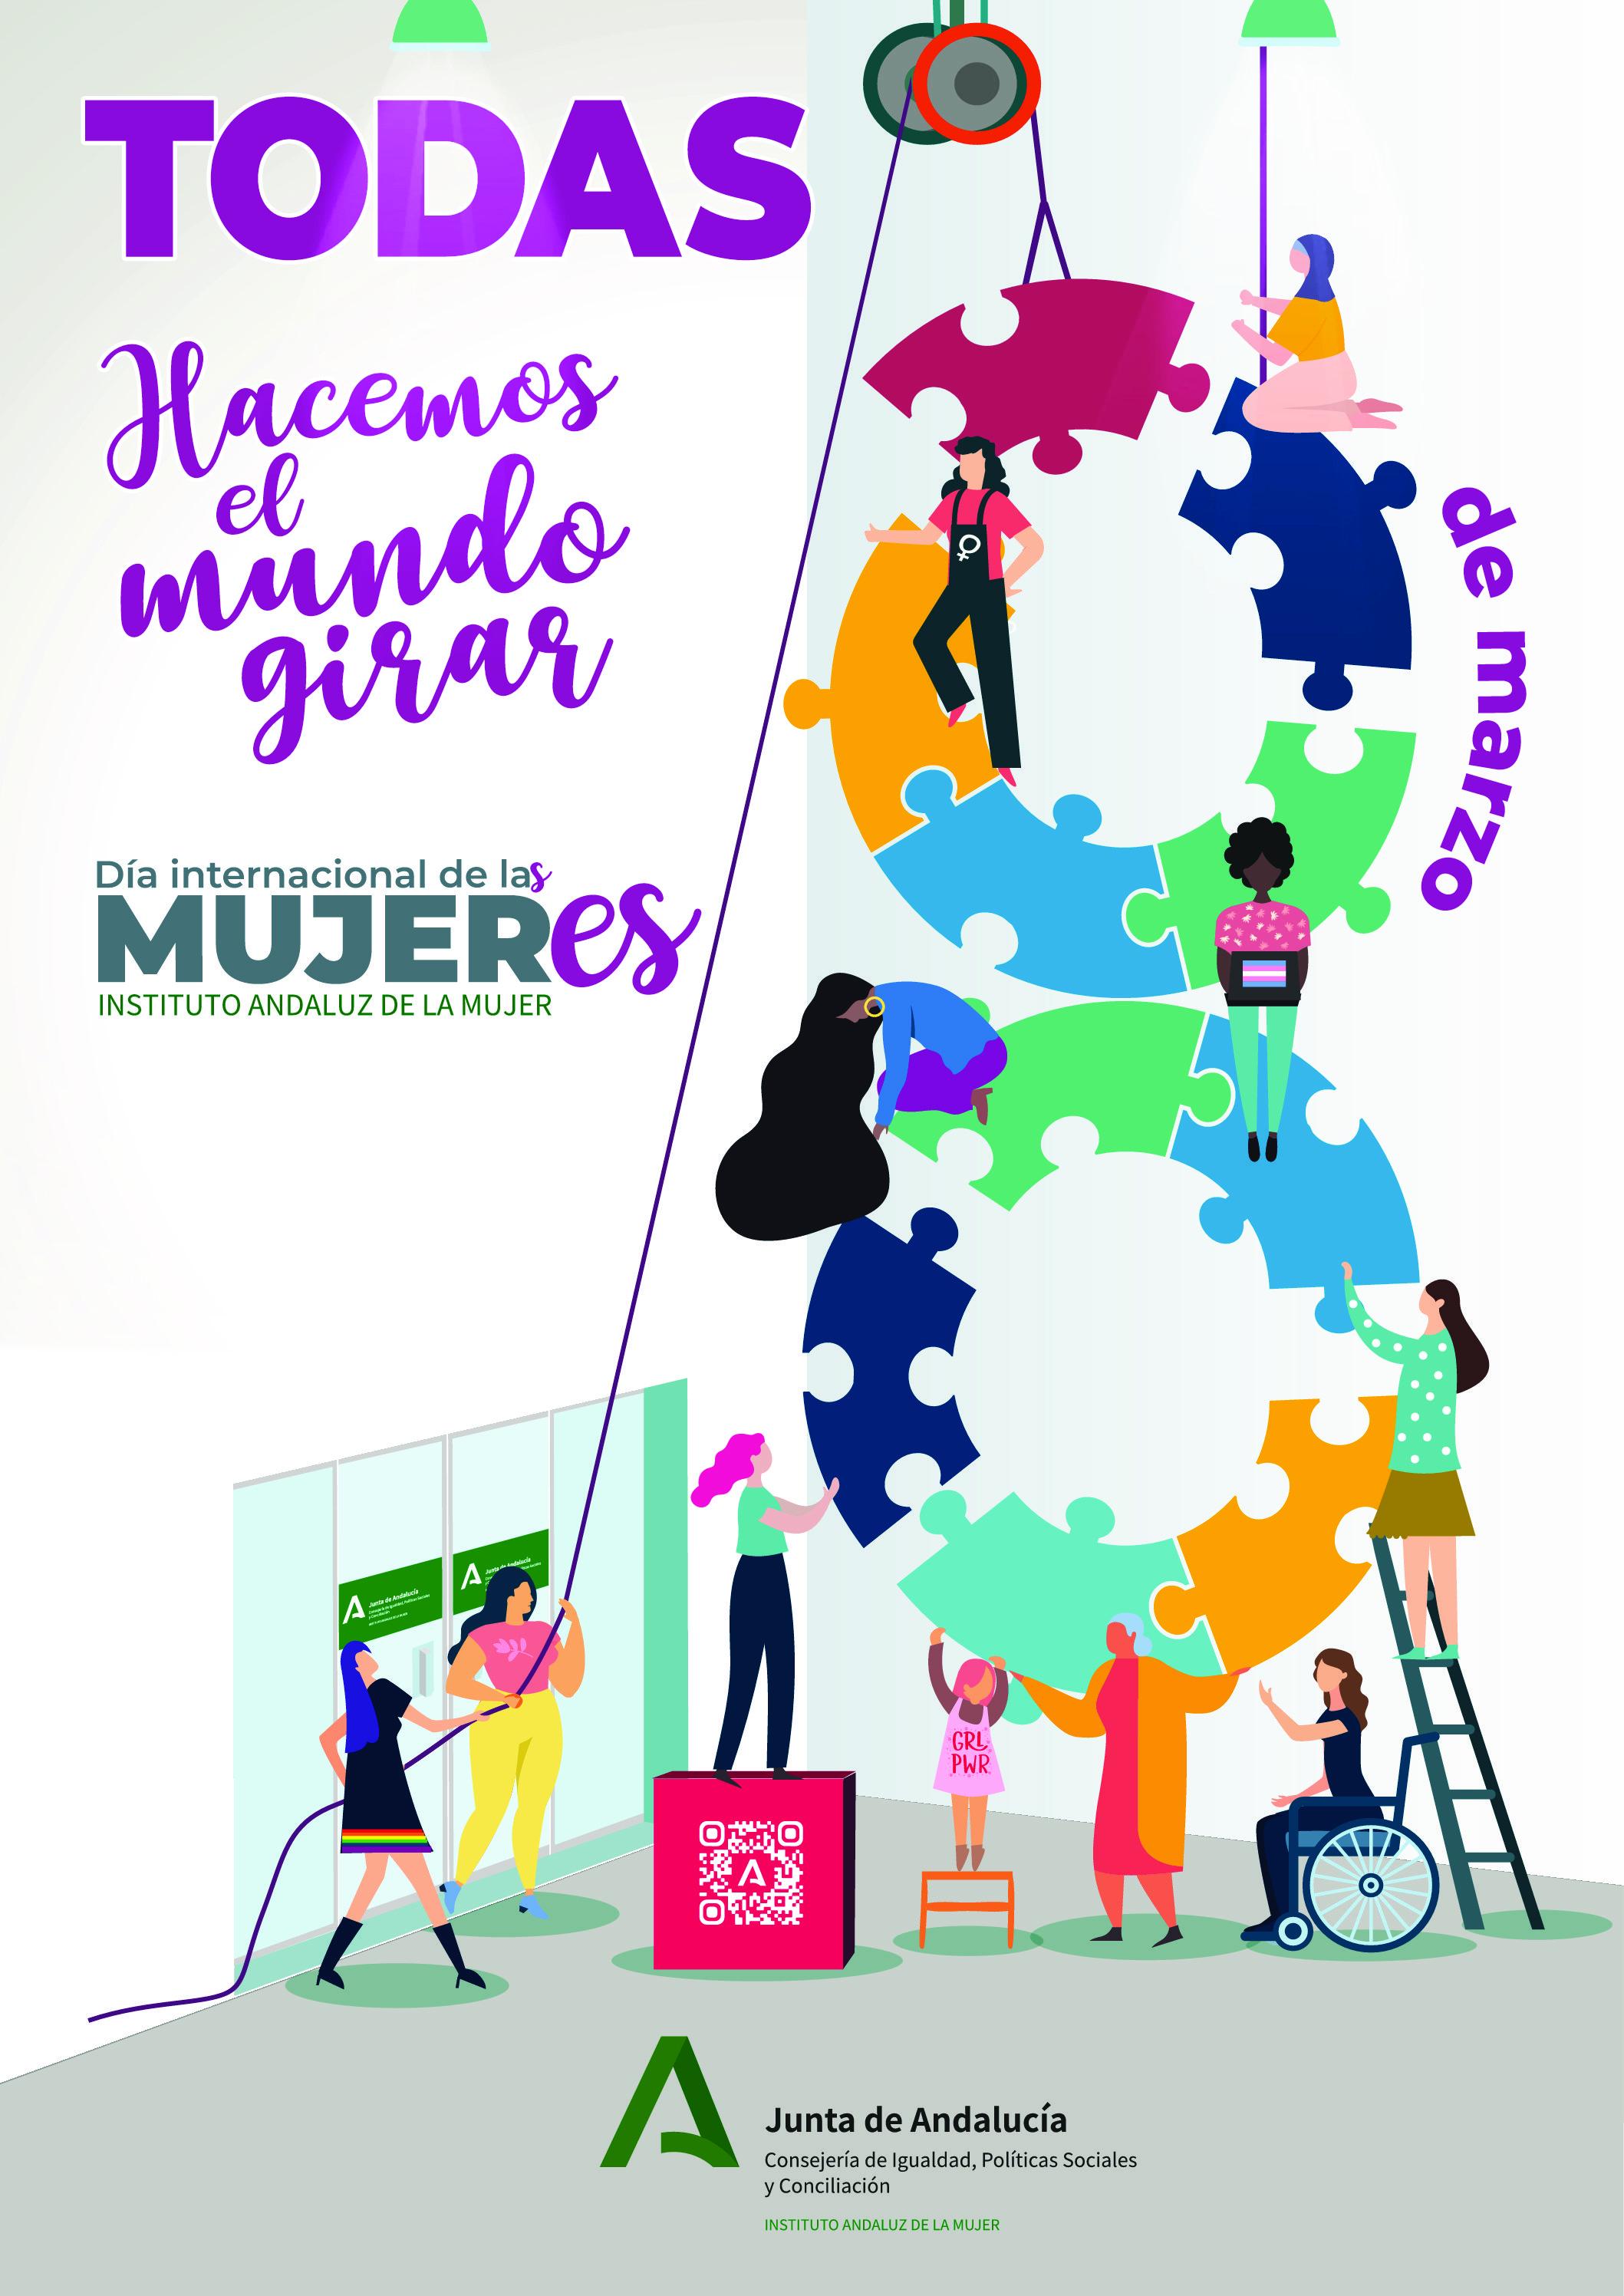 La Junta reivindica un feminismo inclusivo en la campaña del 8M 'Todas hacemos el mundo girar'